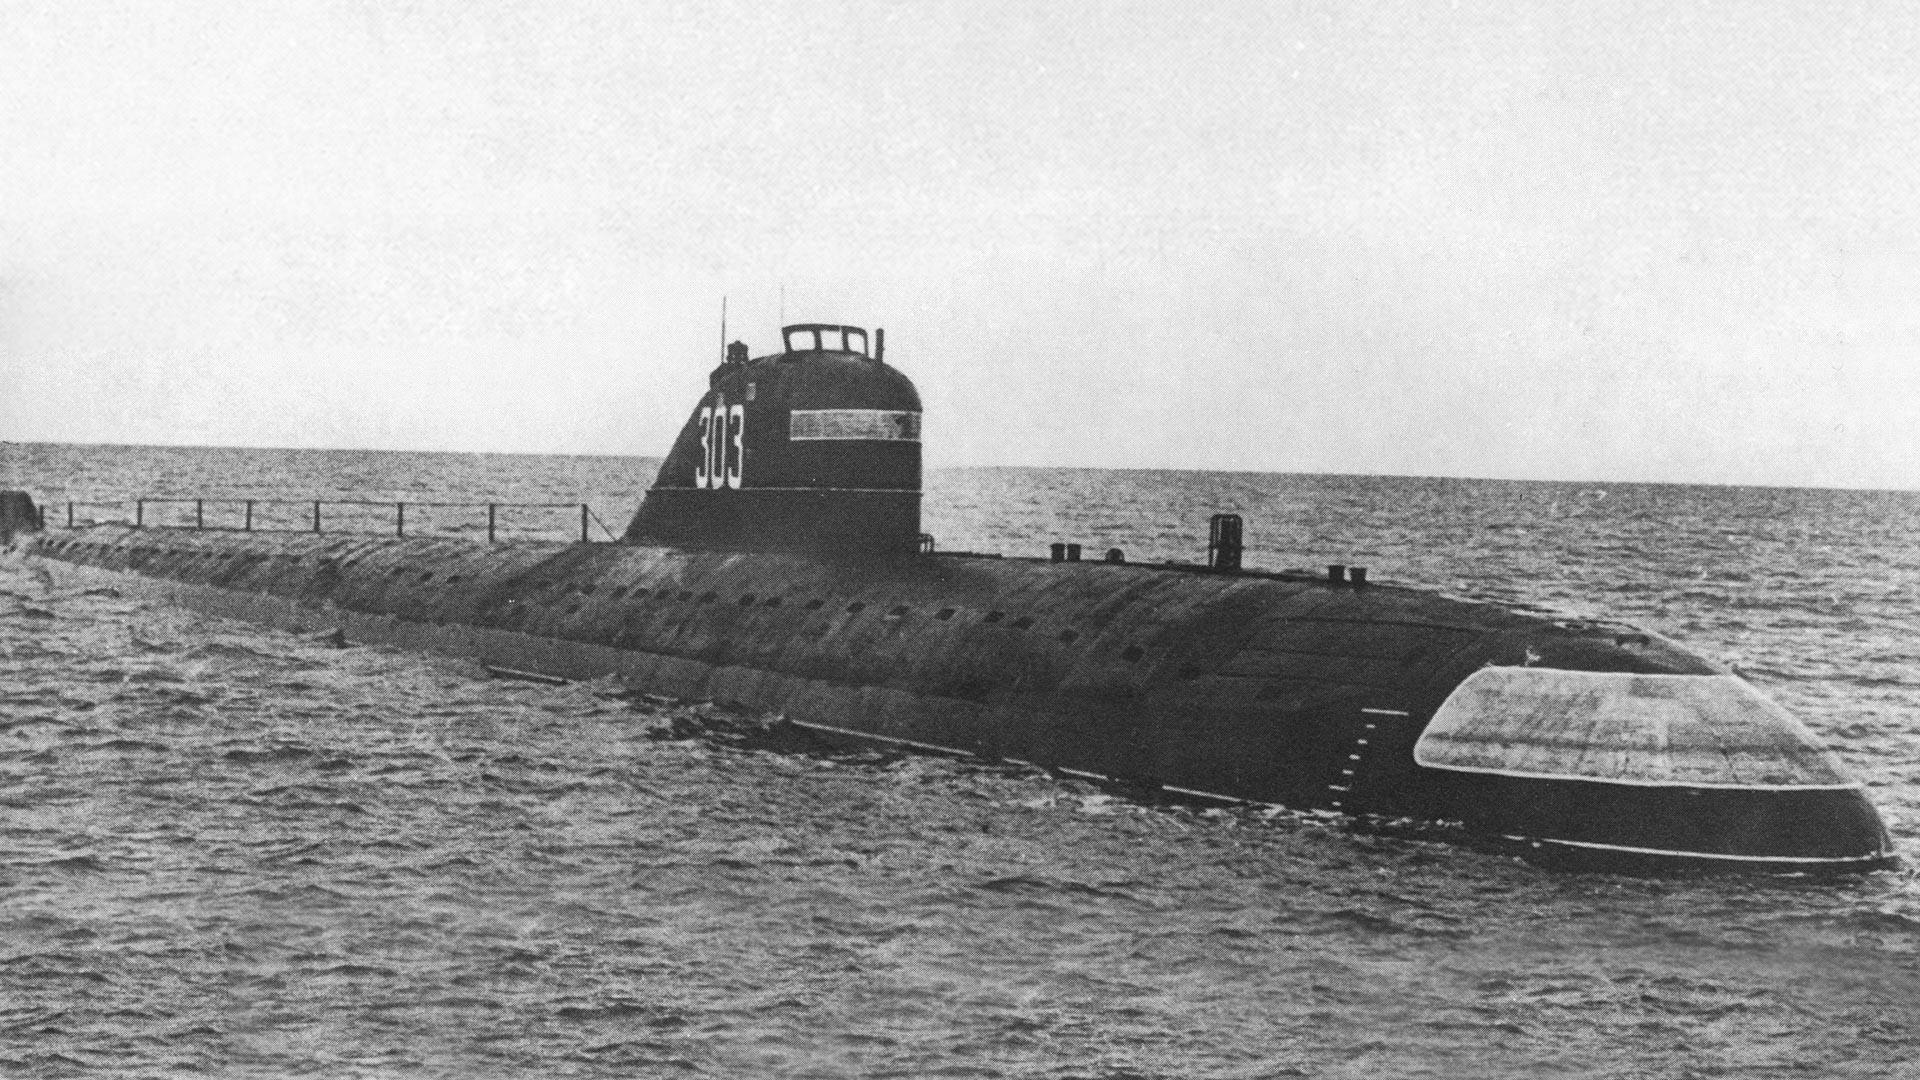 Die K-3 Leninski Komsomol - das erste sowjetische und das dritte Atom-U-Boot der Welt. Die K-3 war Leitschiff des Projekts 627